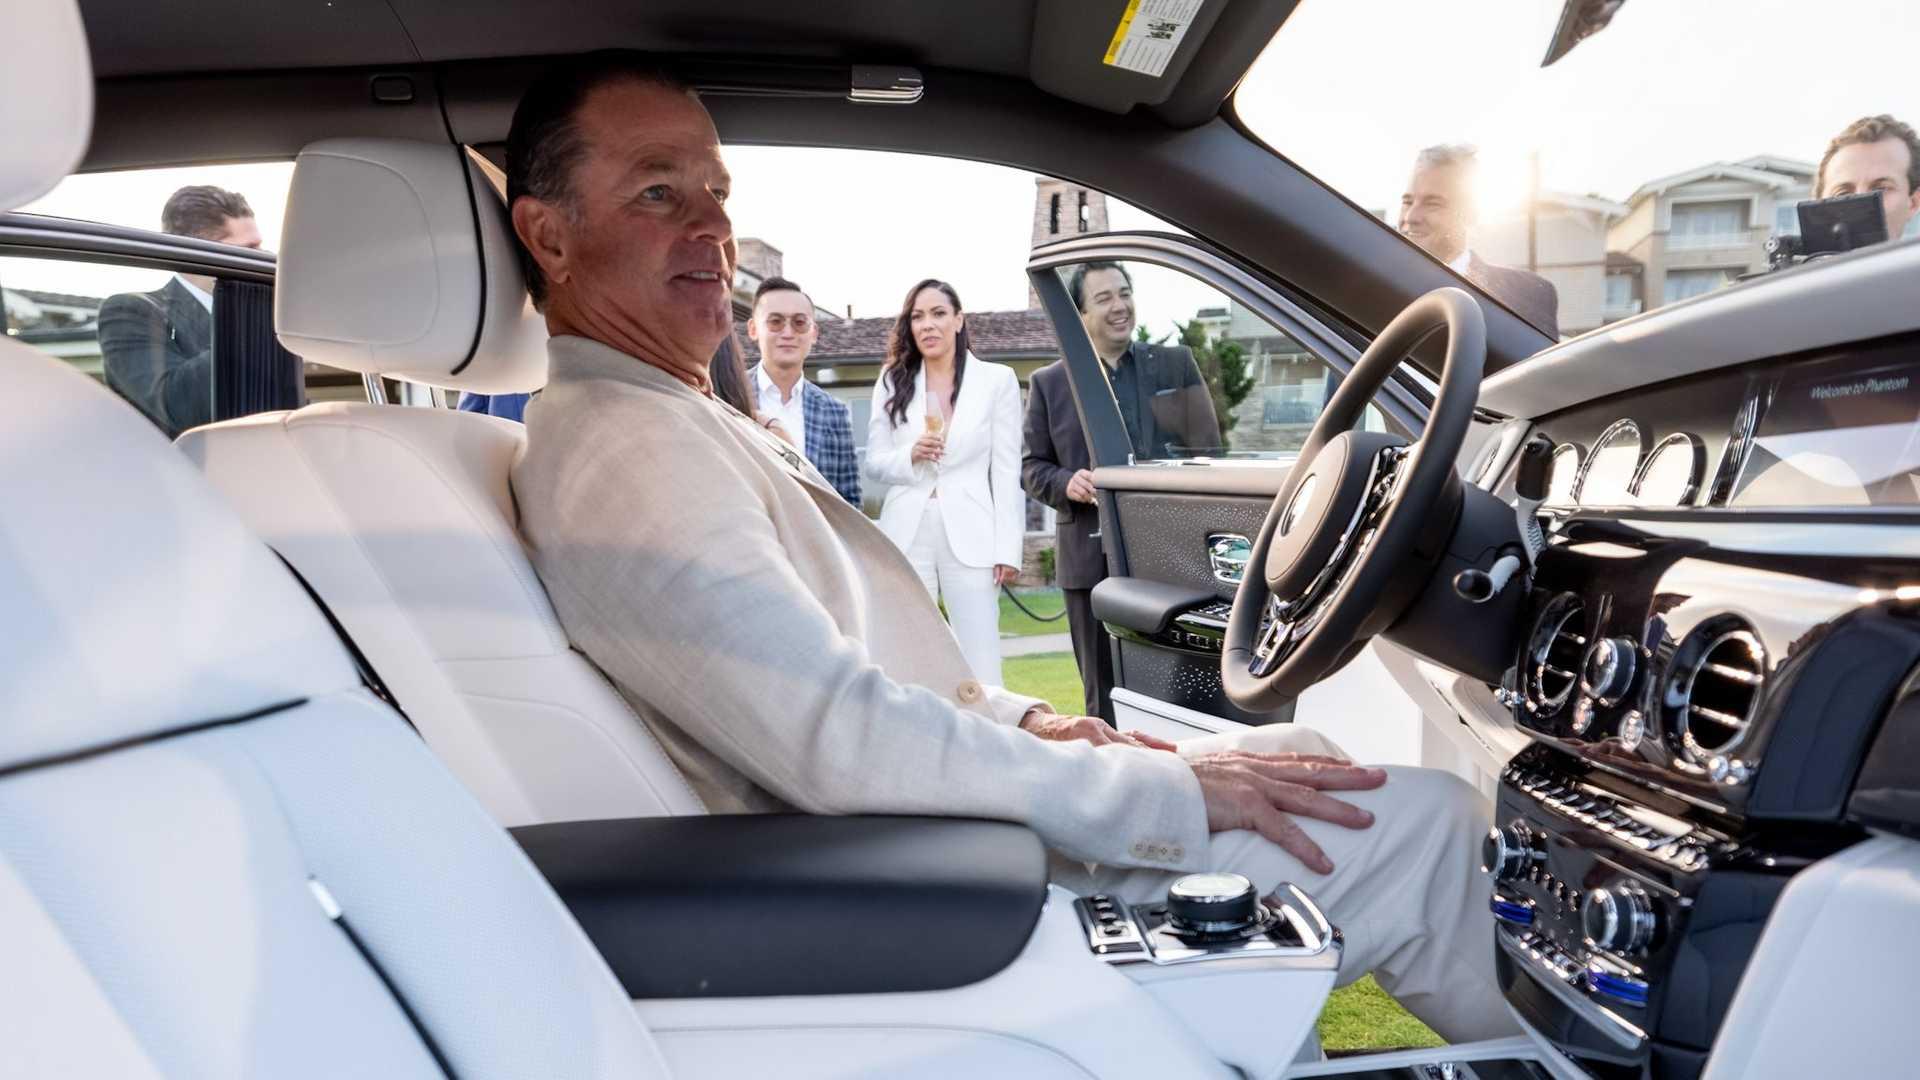 Bộ-đôi-Rolls-Royce-cá-nhân-hóa-kỷ-niệm-dịp-đặc-biệt-của-chủ-nhân (15).jpg